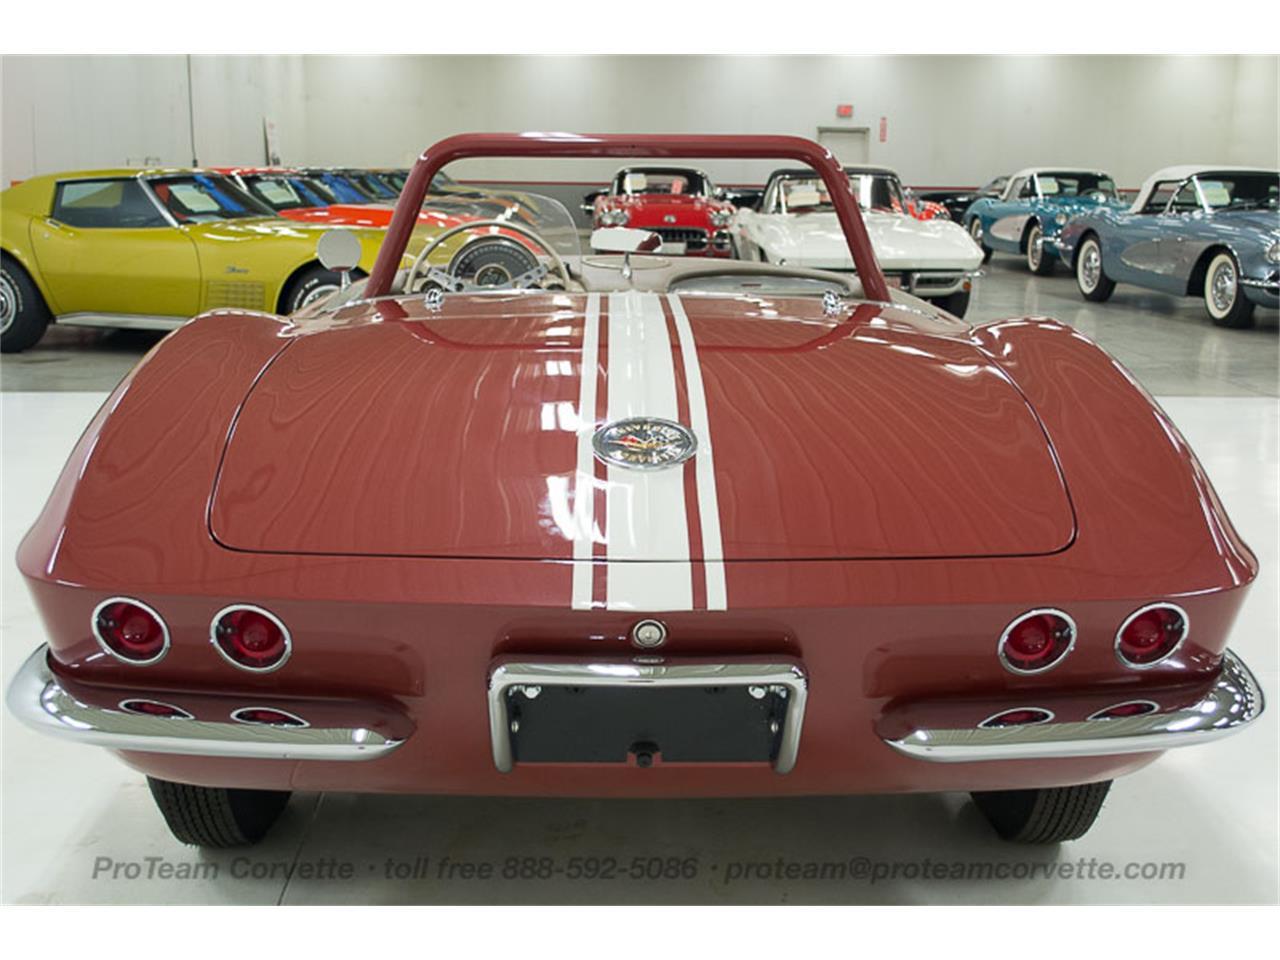 Large Picture of Classic 1962 Corvette located in Ohio - $300,000.00 - JBG4